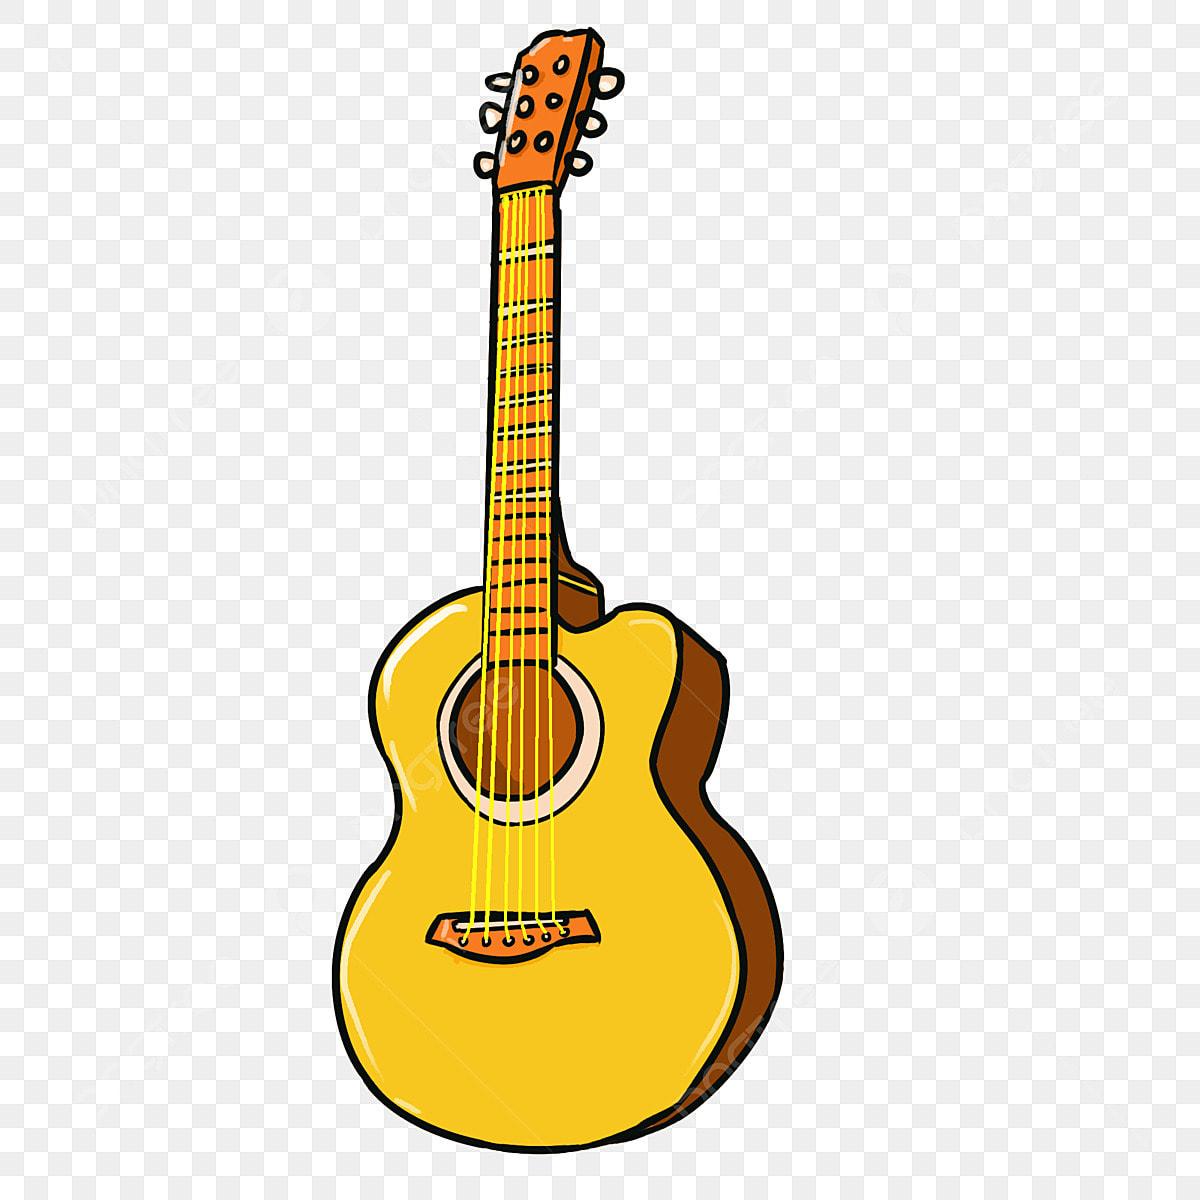 Metade De Um Violao Retro Guitarra Meia Arquivo Png E Psd Para